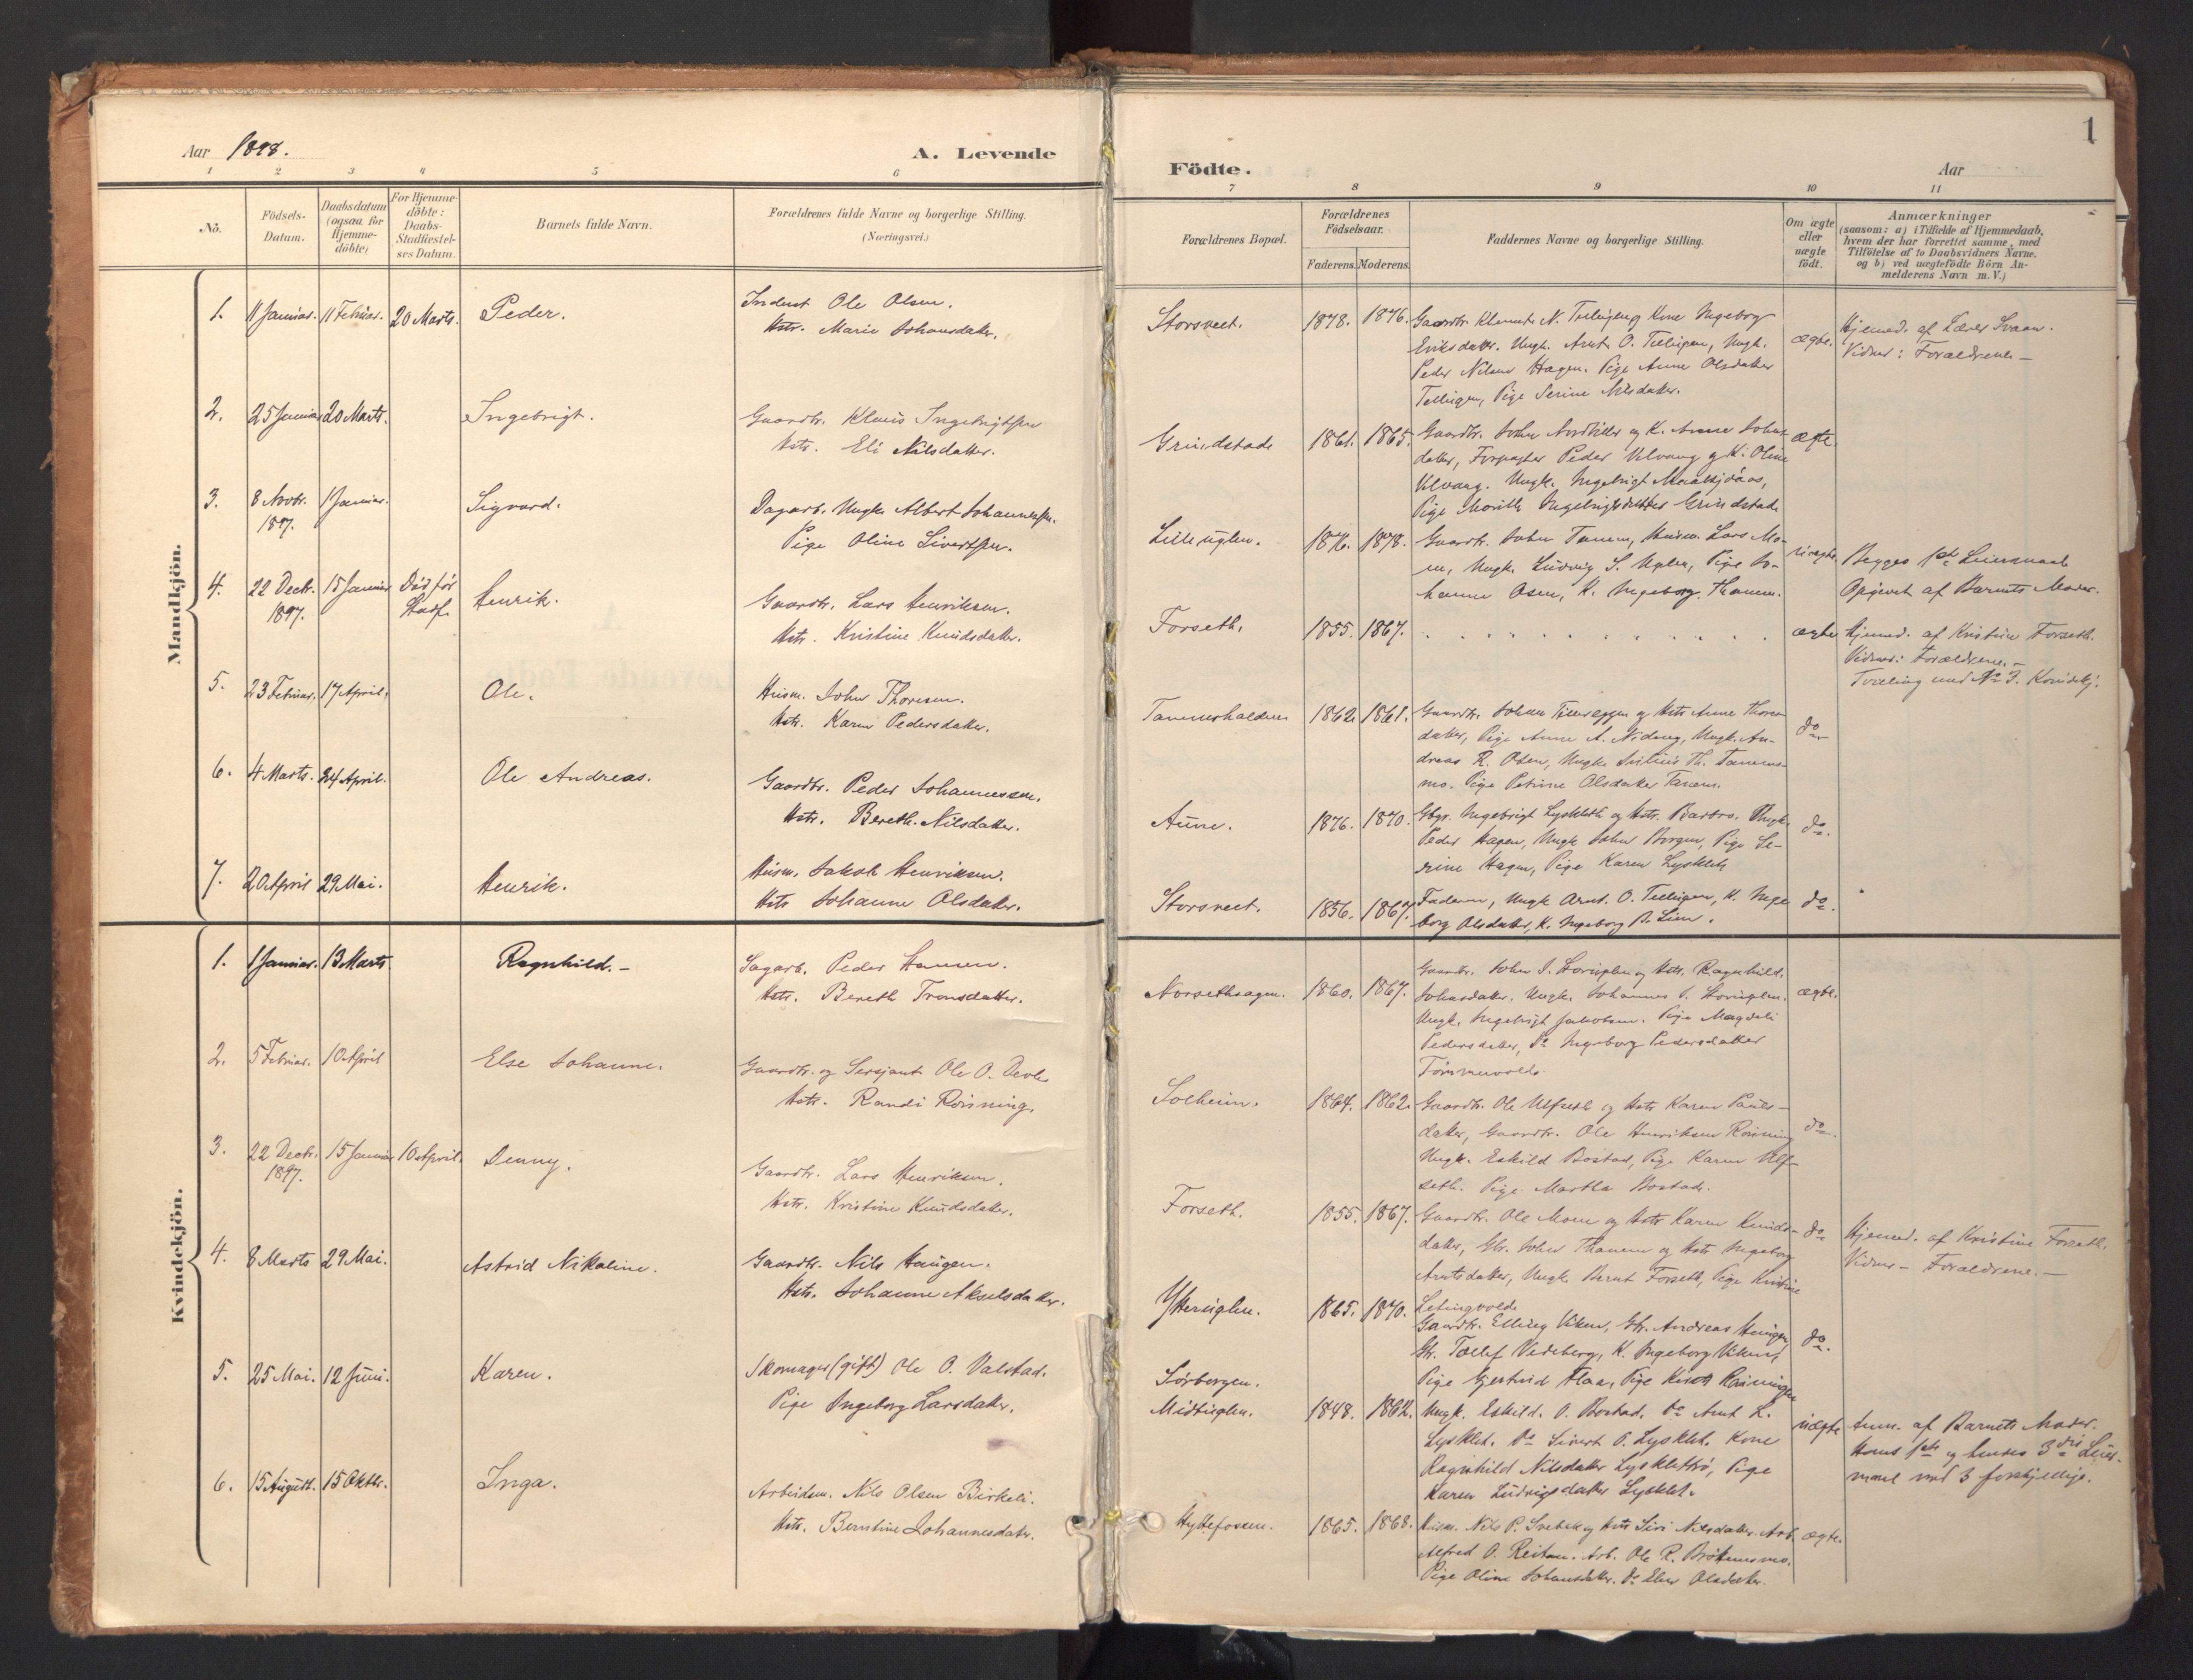 SAT, Ministerialprotokoller, klokkerbøker og fødselsregistre - Sør-Trøndelag, 618/L0448: Ministerialbok nr. 618A11, 1898-1916, s. 1